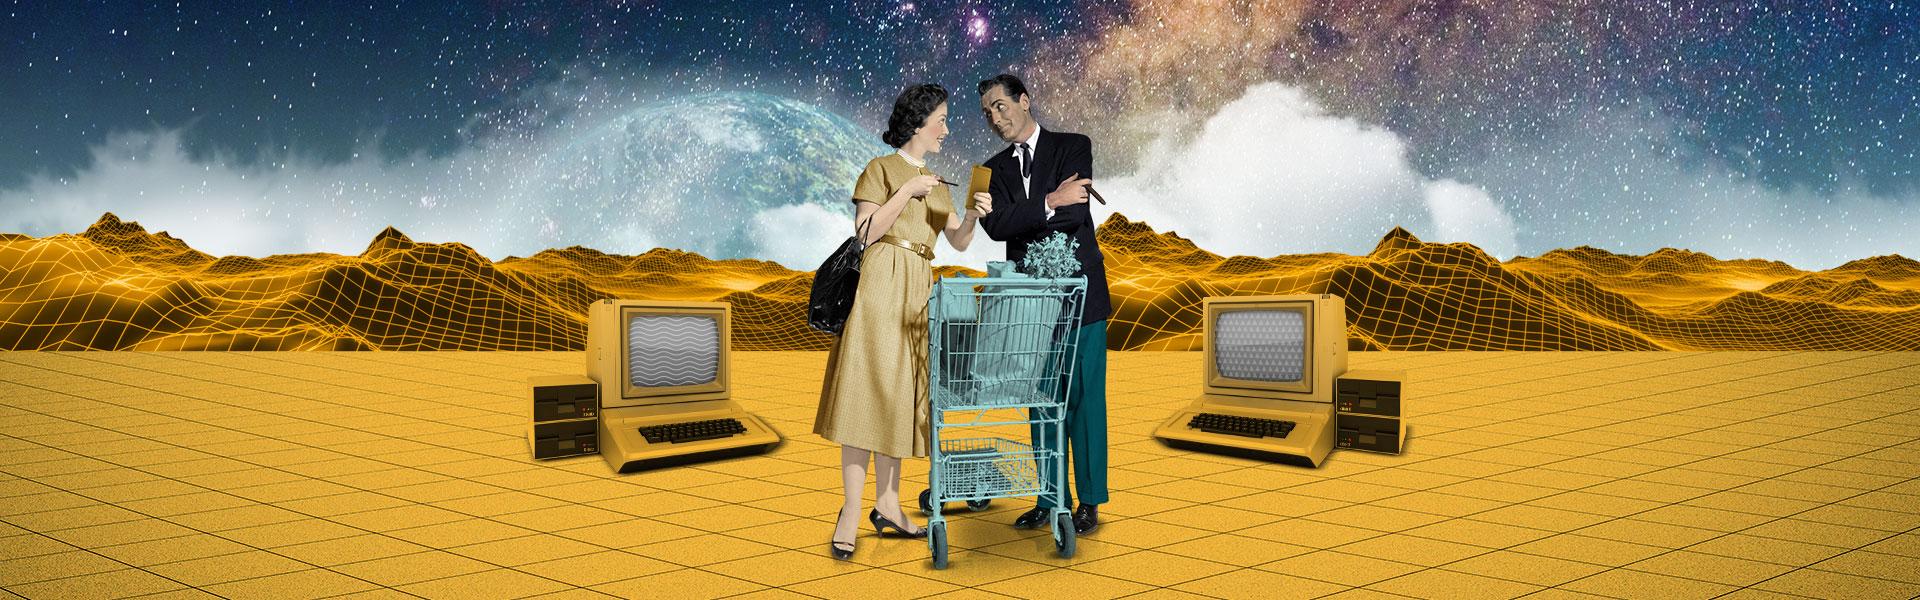 E-commerce, el gigante de las ventas